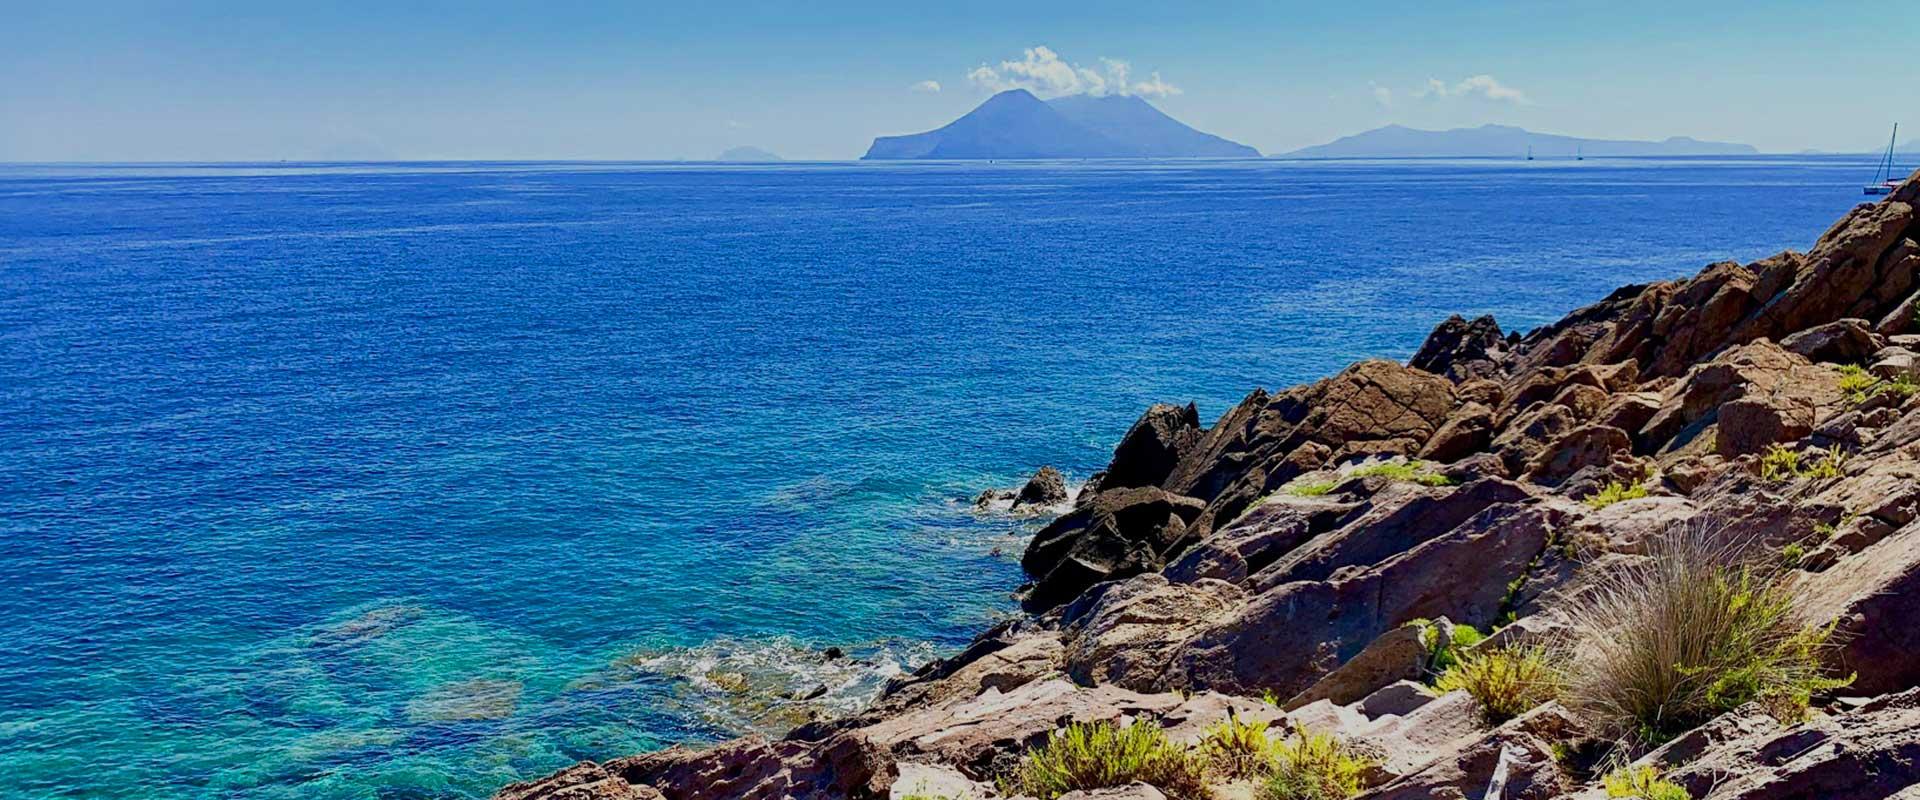 Isole Eolie, Filicudi, viaggio in sicilia